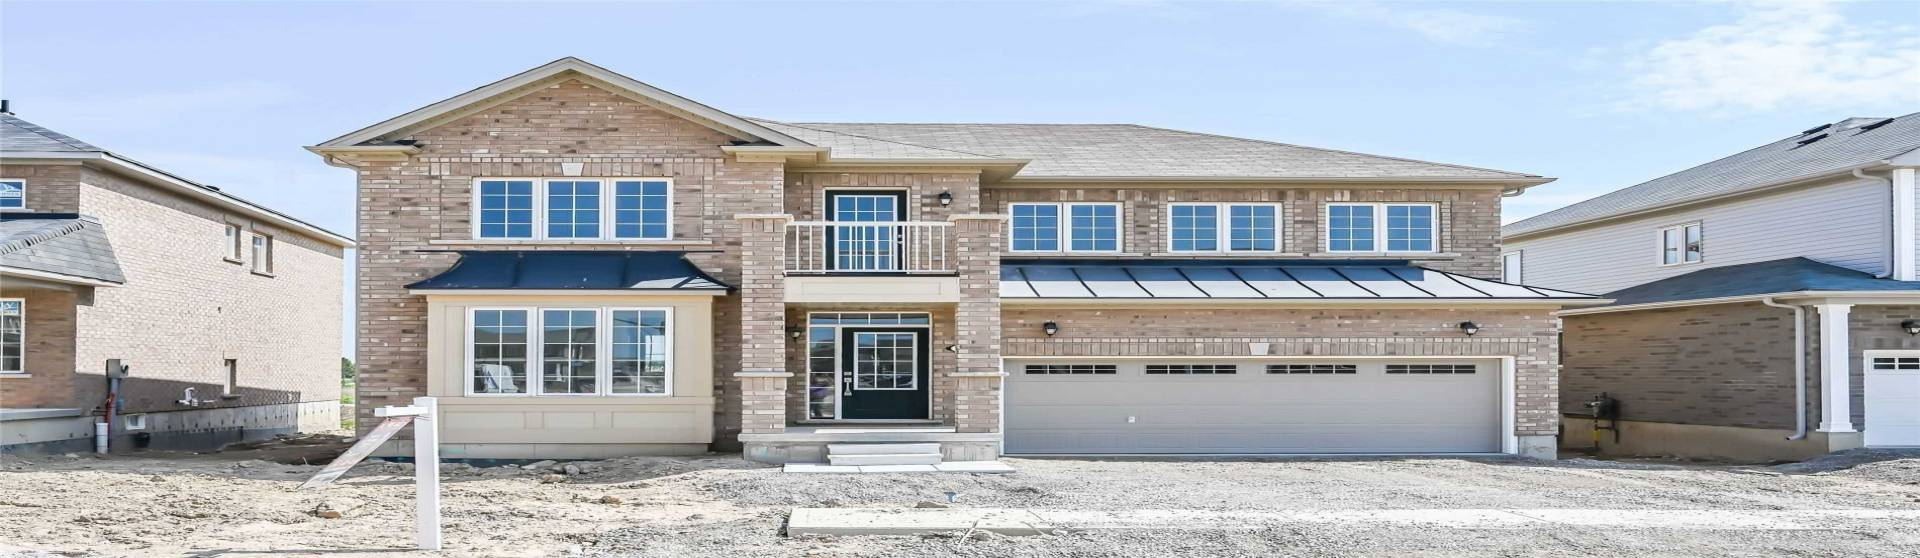 19 Anderson Rd, Brantford, Ontario N3T0R2, 4 Bedrooms Bedrooms, 6 Rooms Rooms,3 BathroomsBathrooms,Detached,Sale,Anderson,X4774775